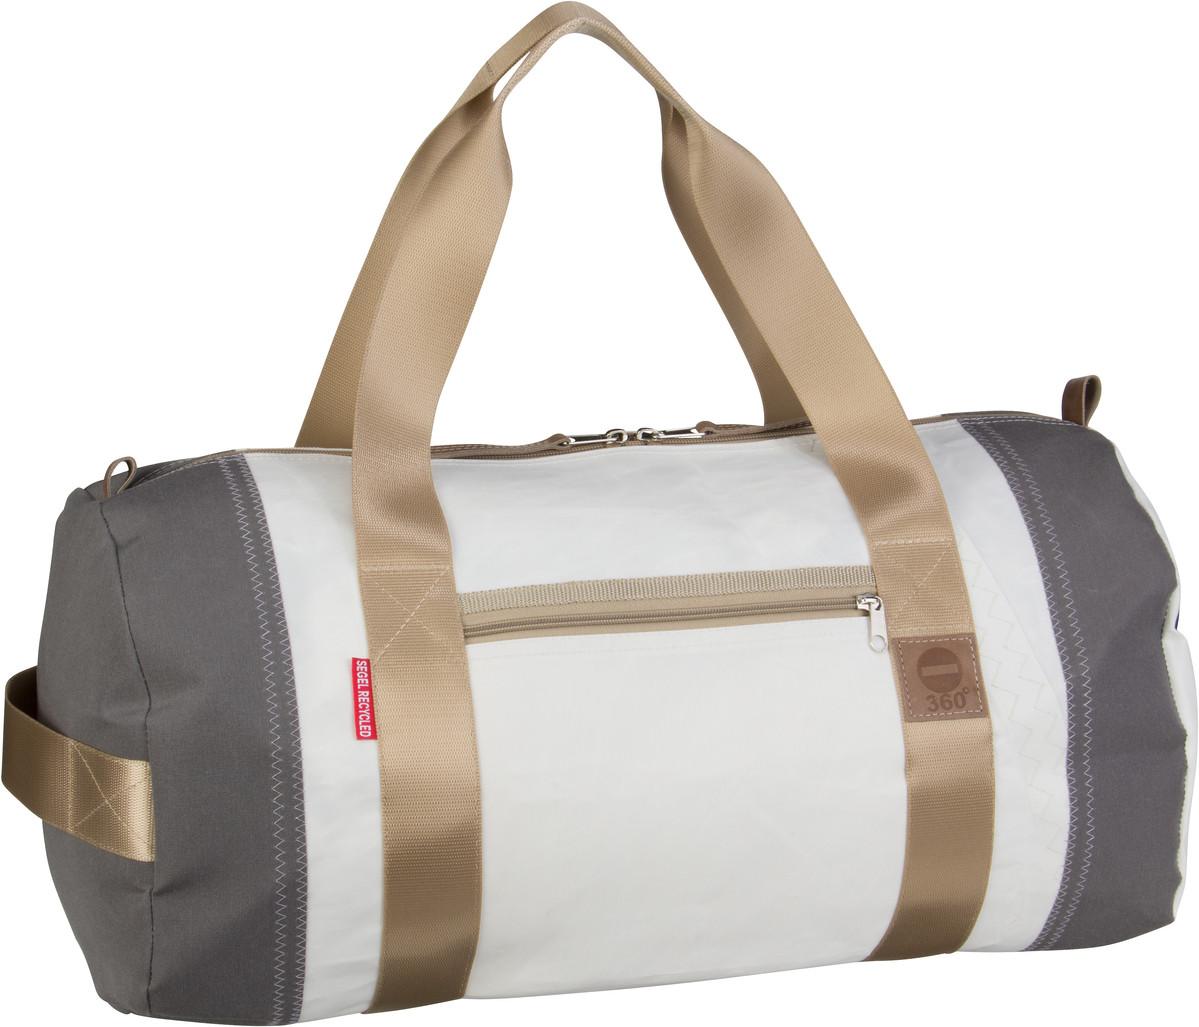 Reisegepaeck für Frauen - 360Grad Reisetasche Pirat Weiß Grau (36 Liter)  - Onlineshop Taschenkaufhaus